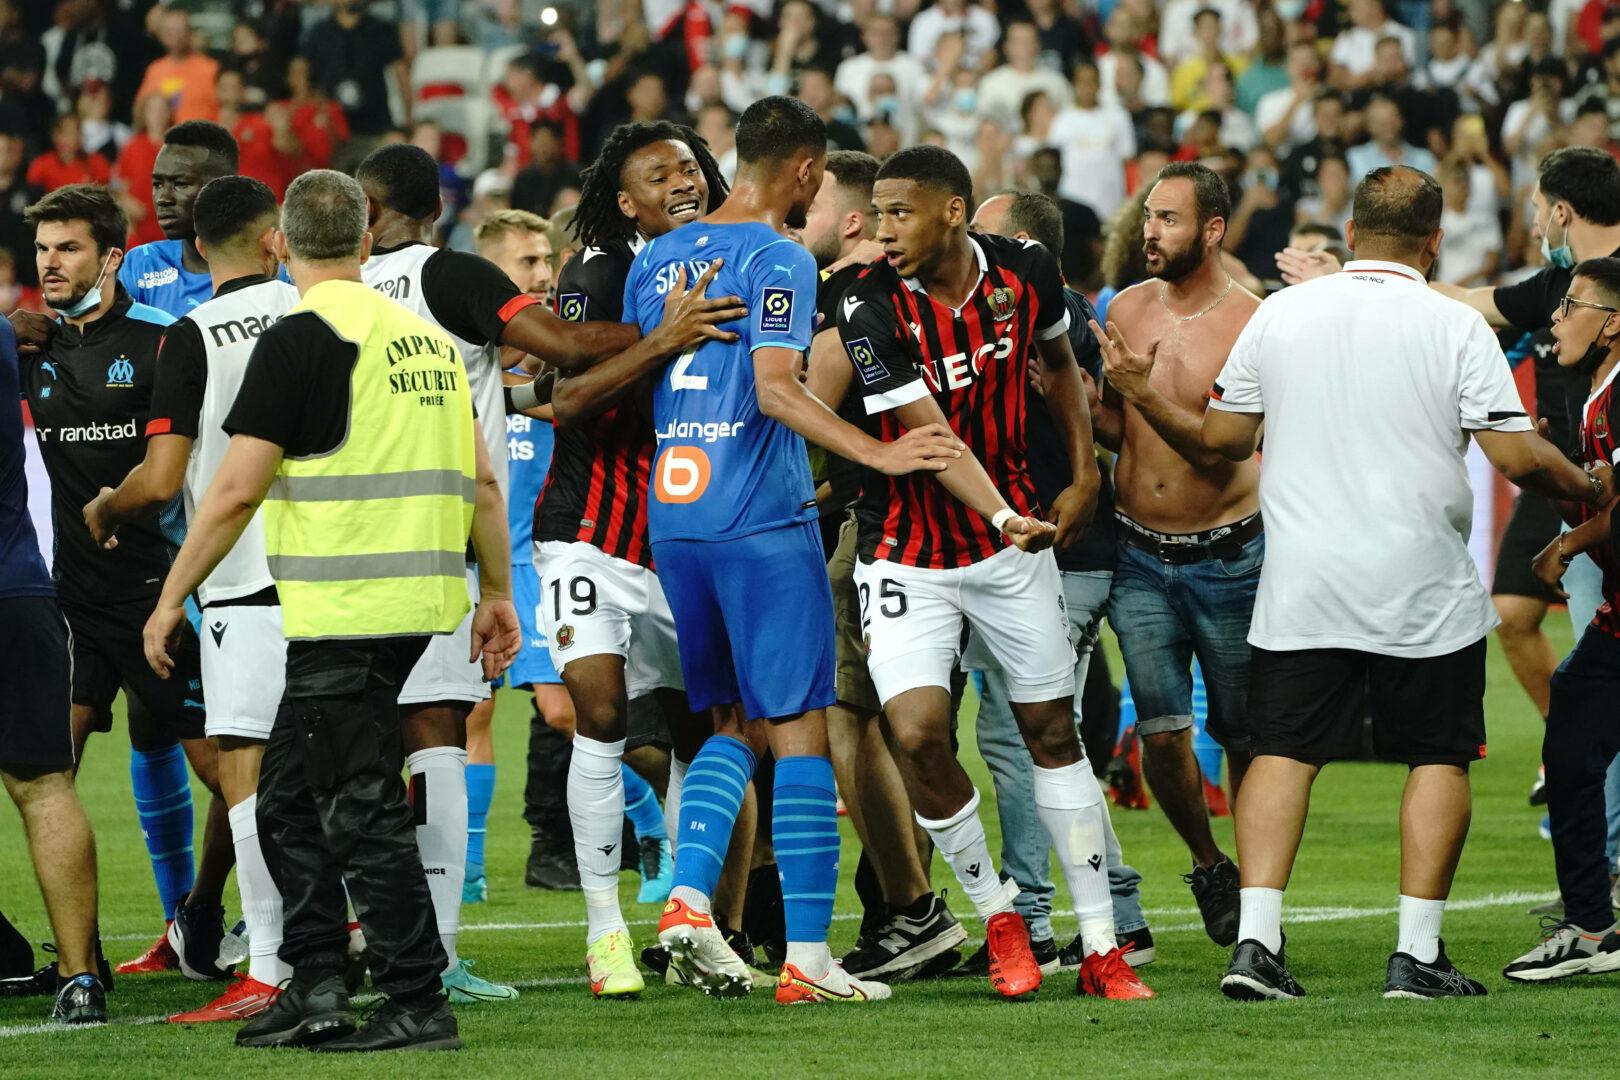 Nach Skandalspiel: Erste Strafen für Nizza und Marseille